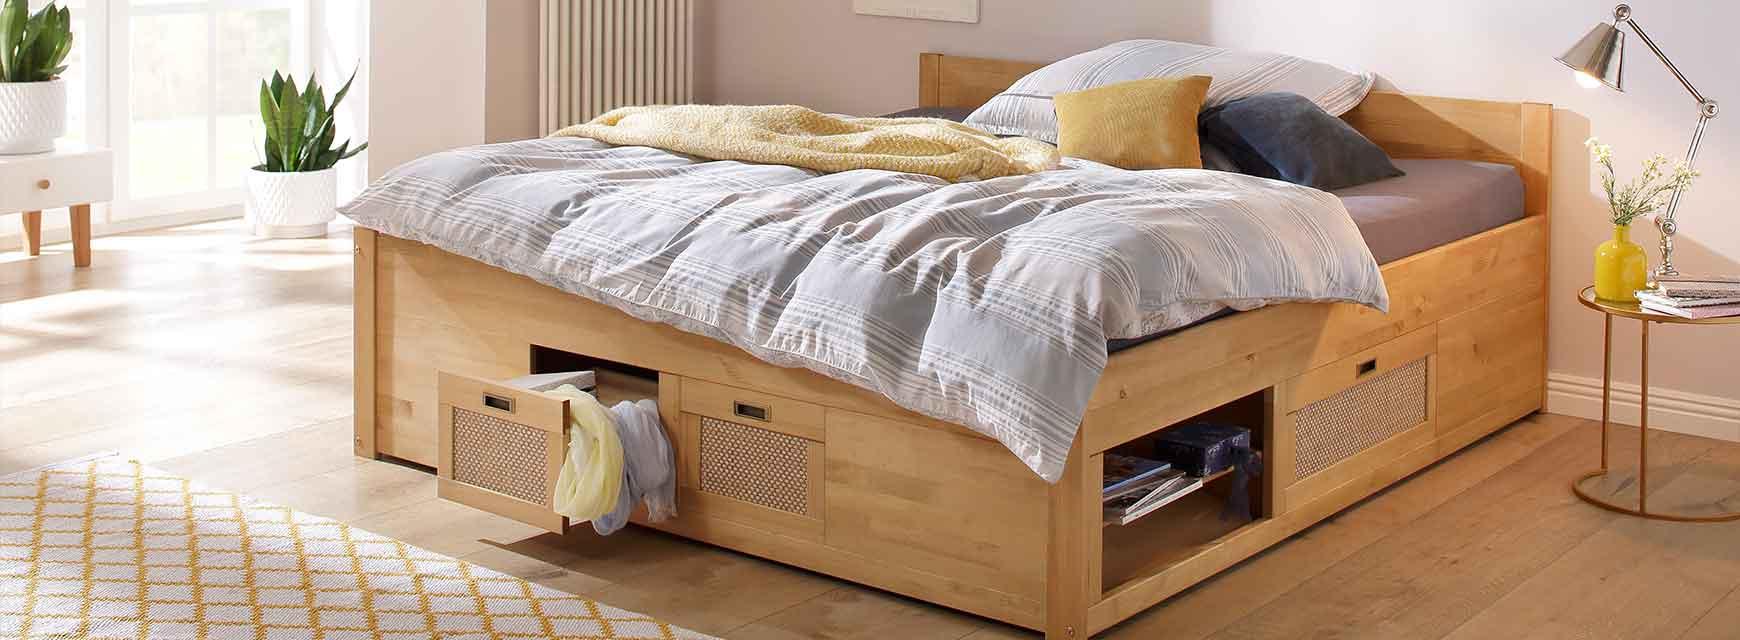 Full Size of Bett Mit Aufbewahrung 160x200 120x200 Betten Aufbewahrungstasche Vakuum 140x200 Aufbewahrungsbeutel Ikea Landhausstil Landhaus Online Kaufen Naturloftde Bett Betten Mit Aufbewahrung